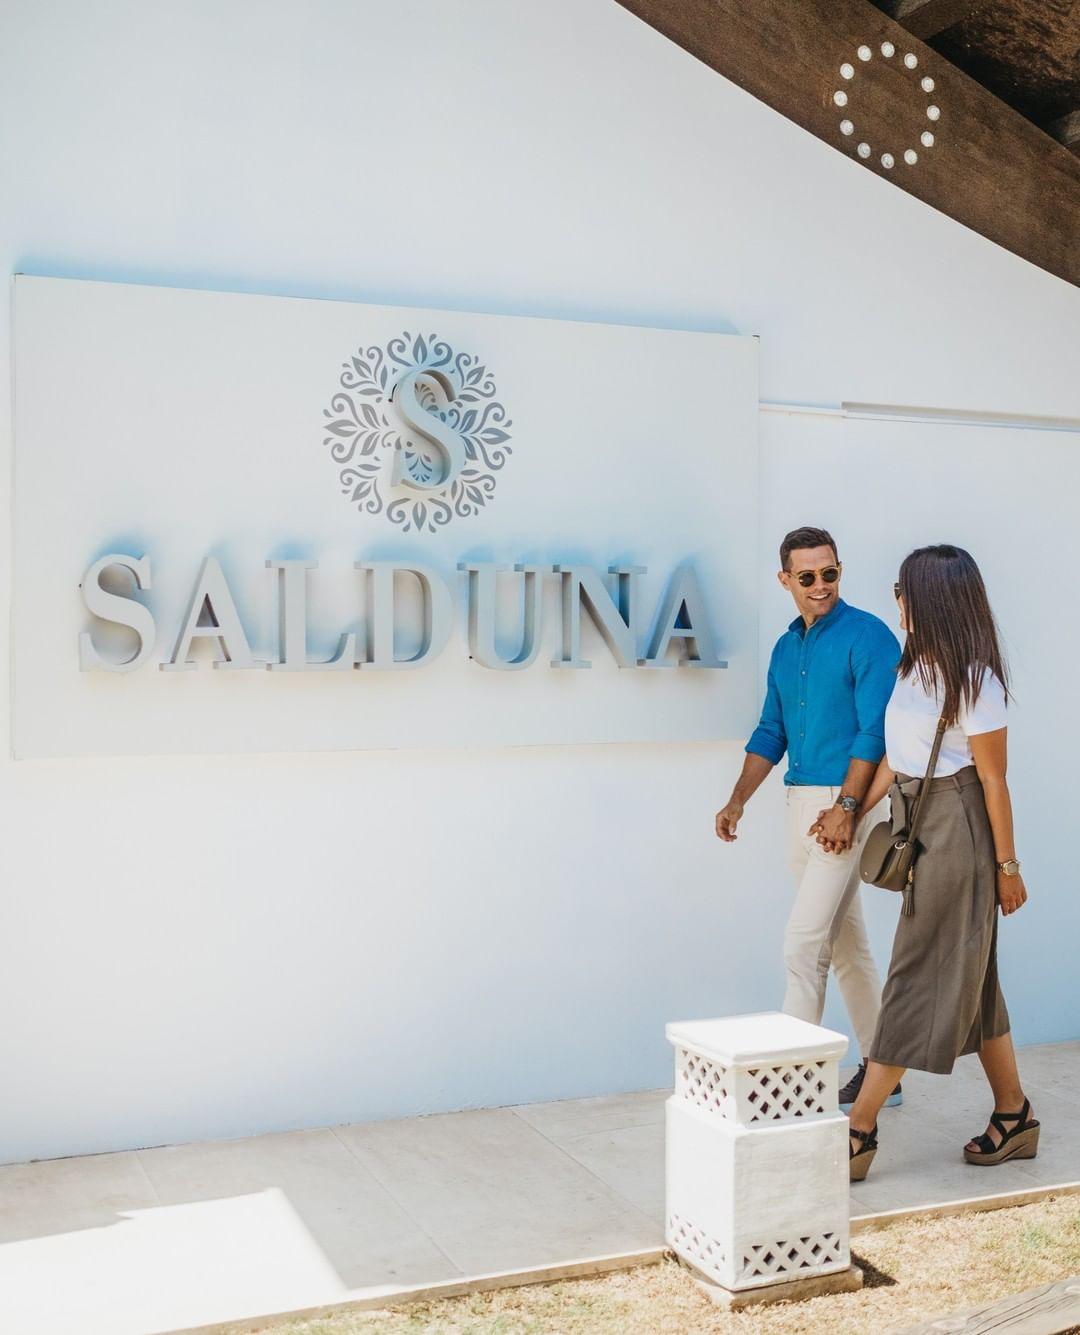 Salduna Beach, una experiencia gastronómica y relajante frente al mar en la Costa del Sol 3